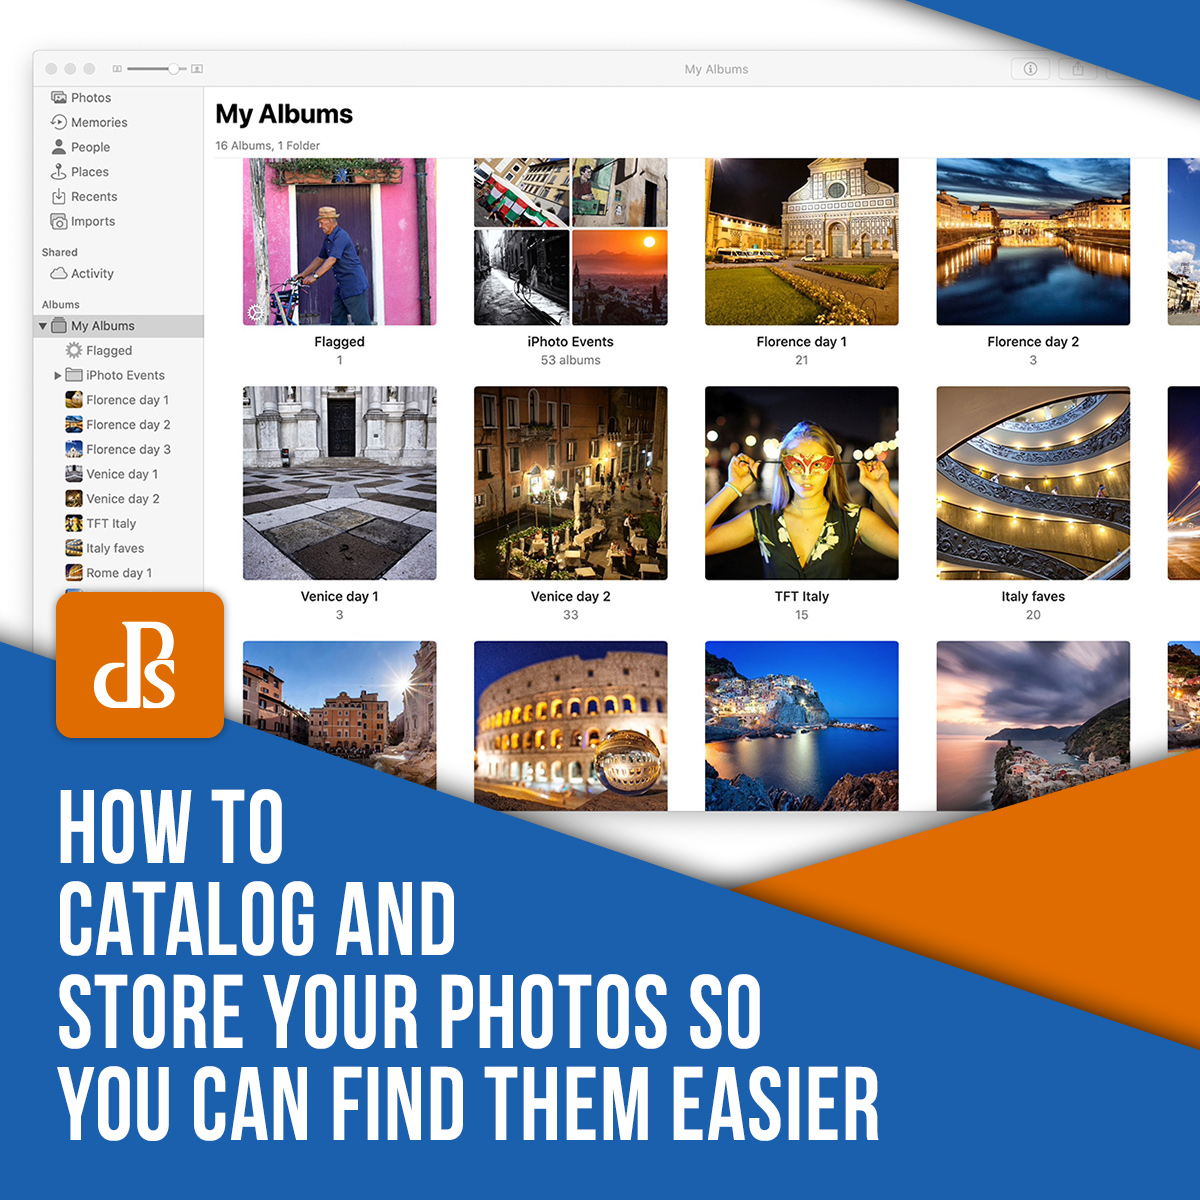 https://i2.wp.com/digital-photography-school.com/wp-content/uploads/2020/06/dps-catalog-and-store-your-photos.jpg?ssl=1